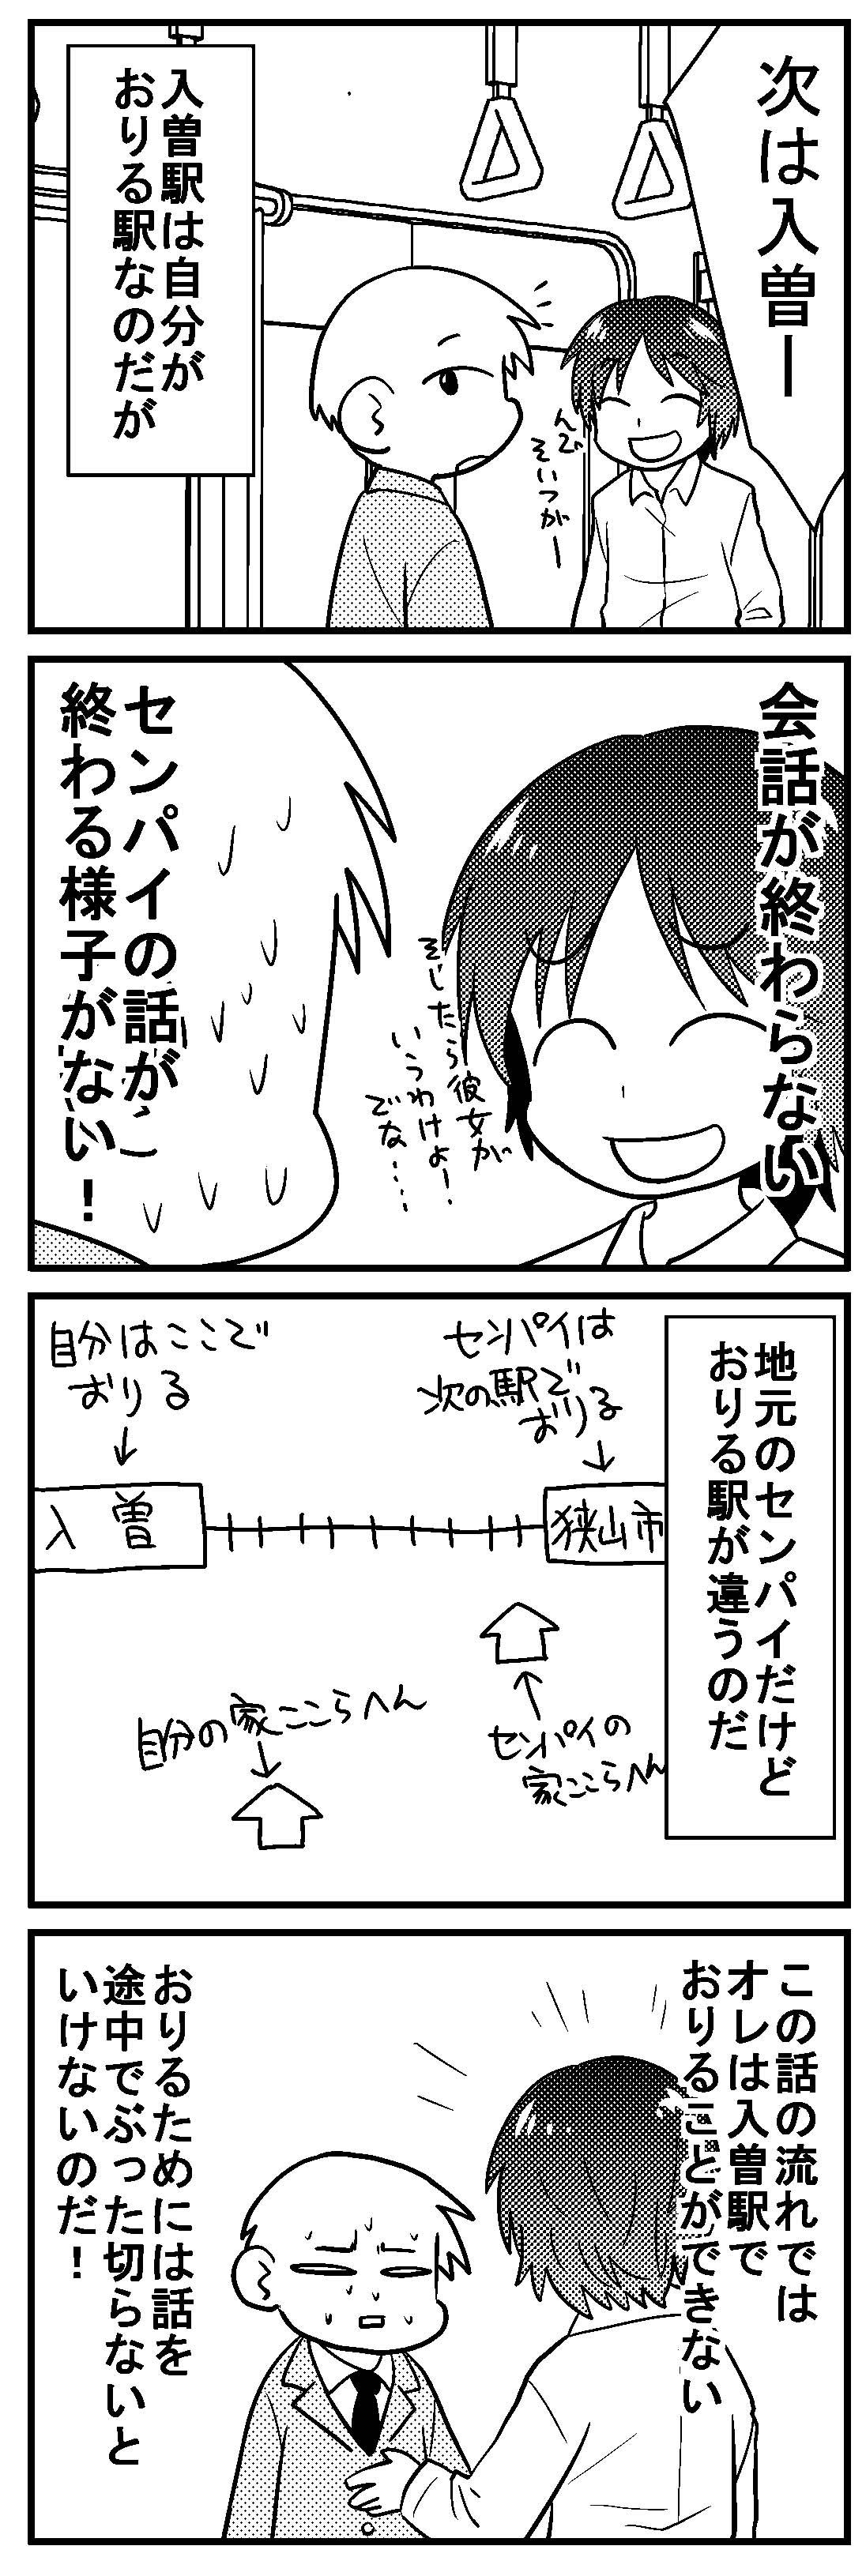 深読みくん28 2